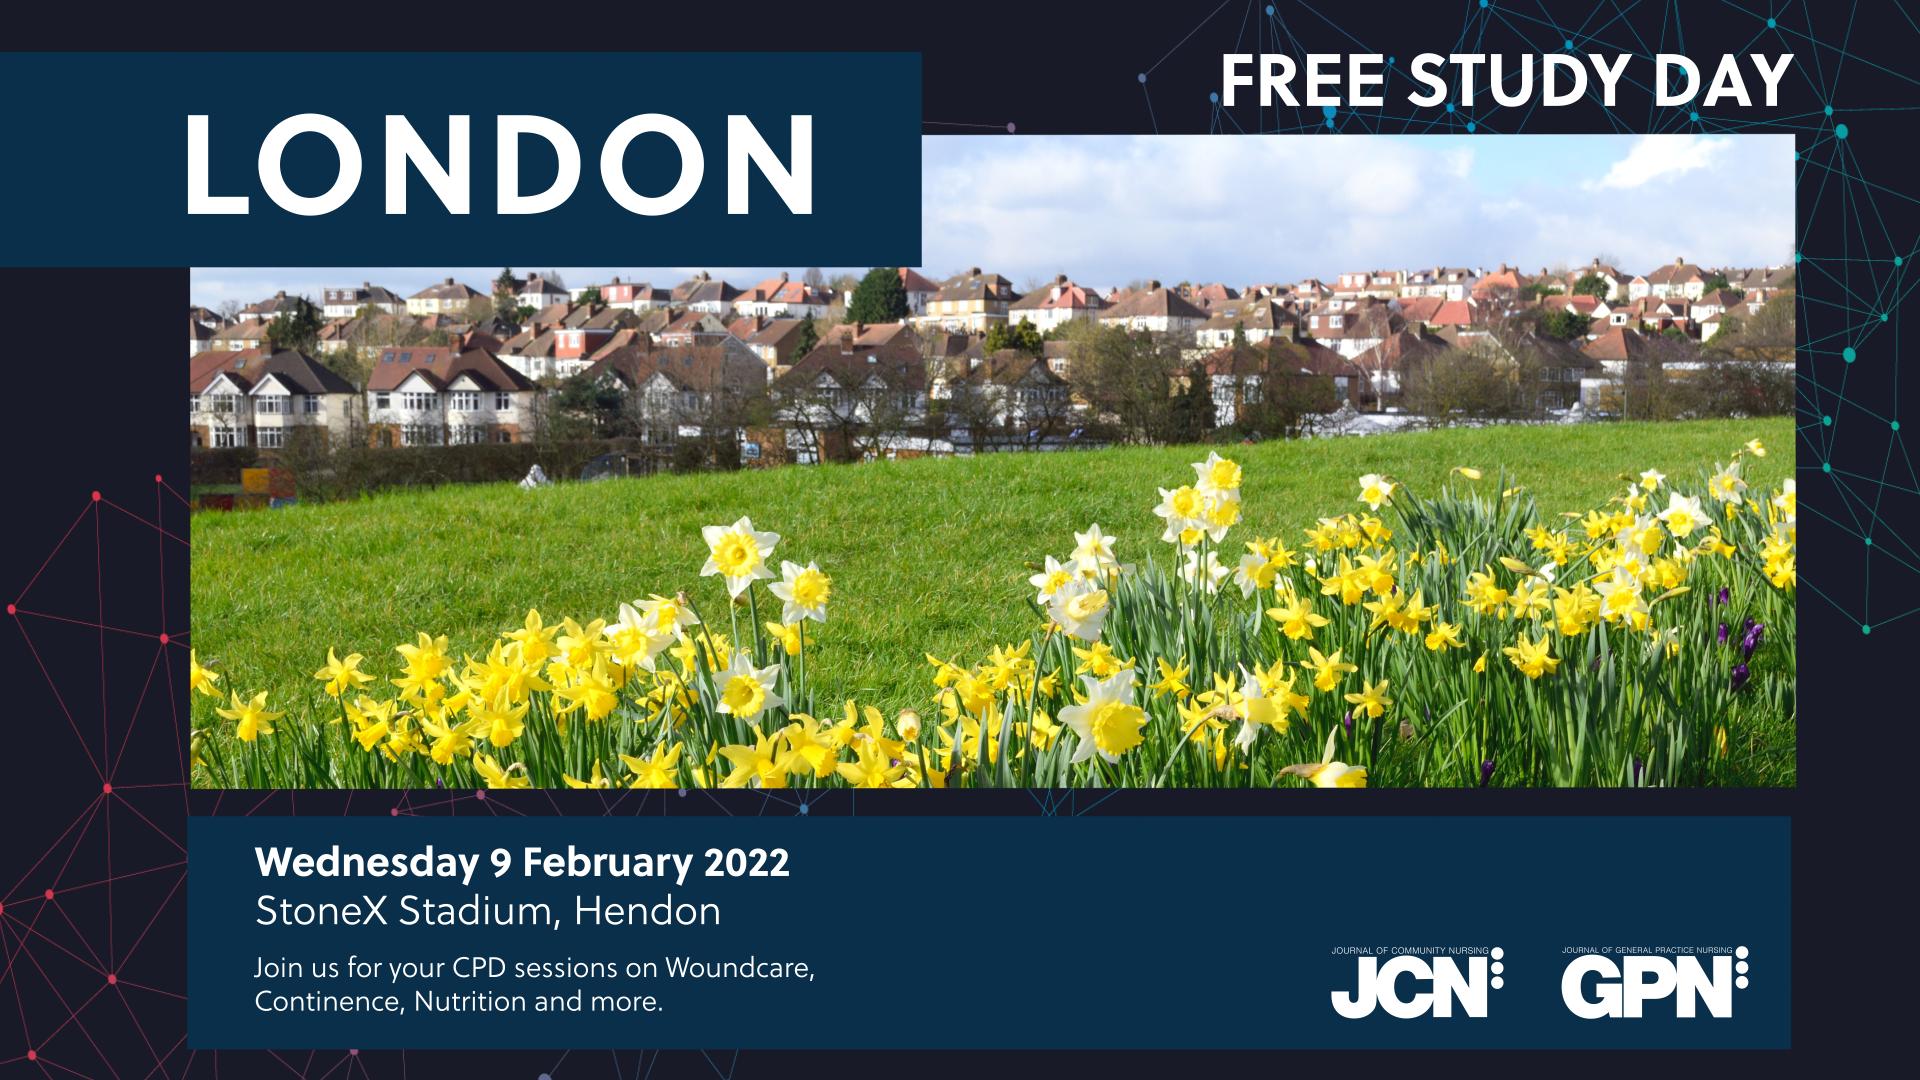 JCN Study Day London